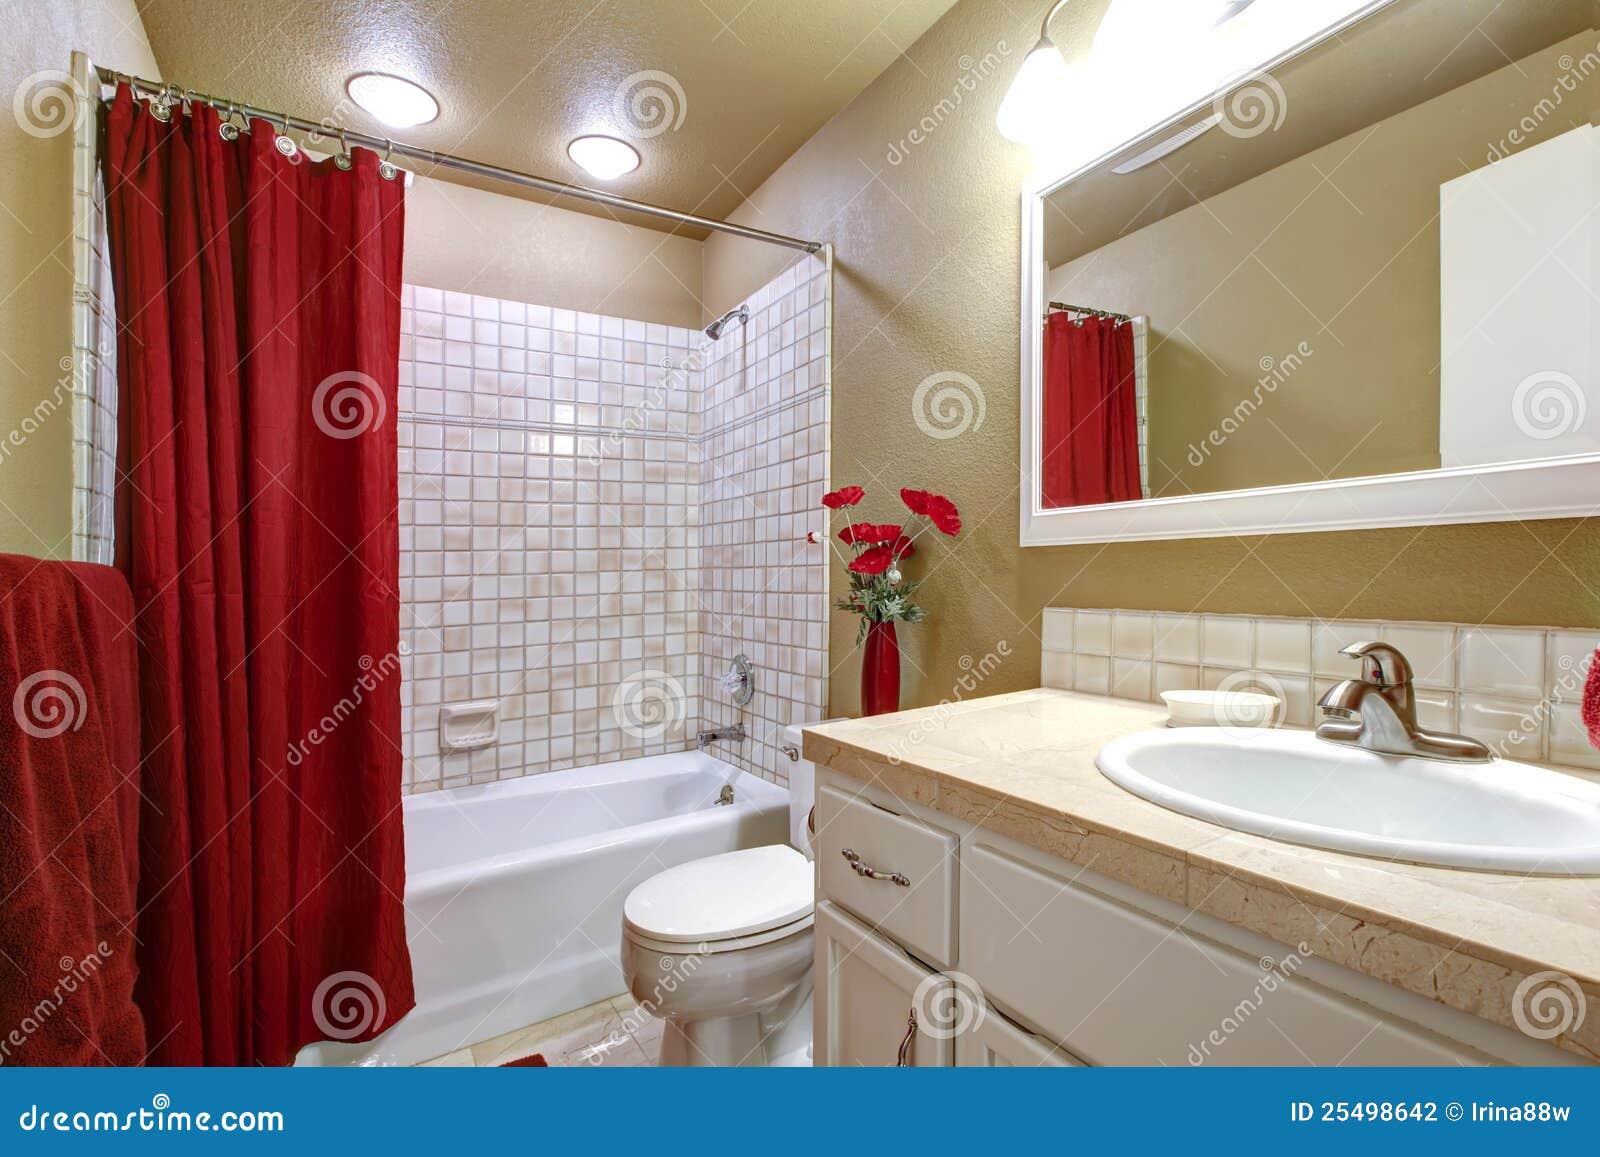 Vasca Da Bagno Rossa : Stanza da bagno beige e rossa elegante con la vasca ed il